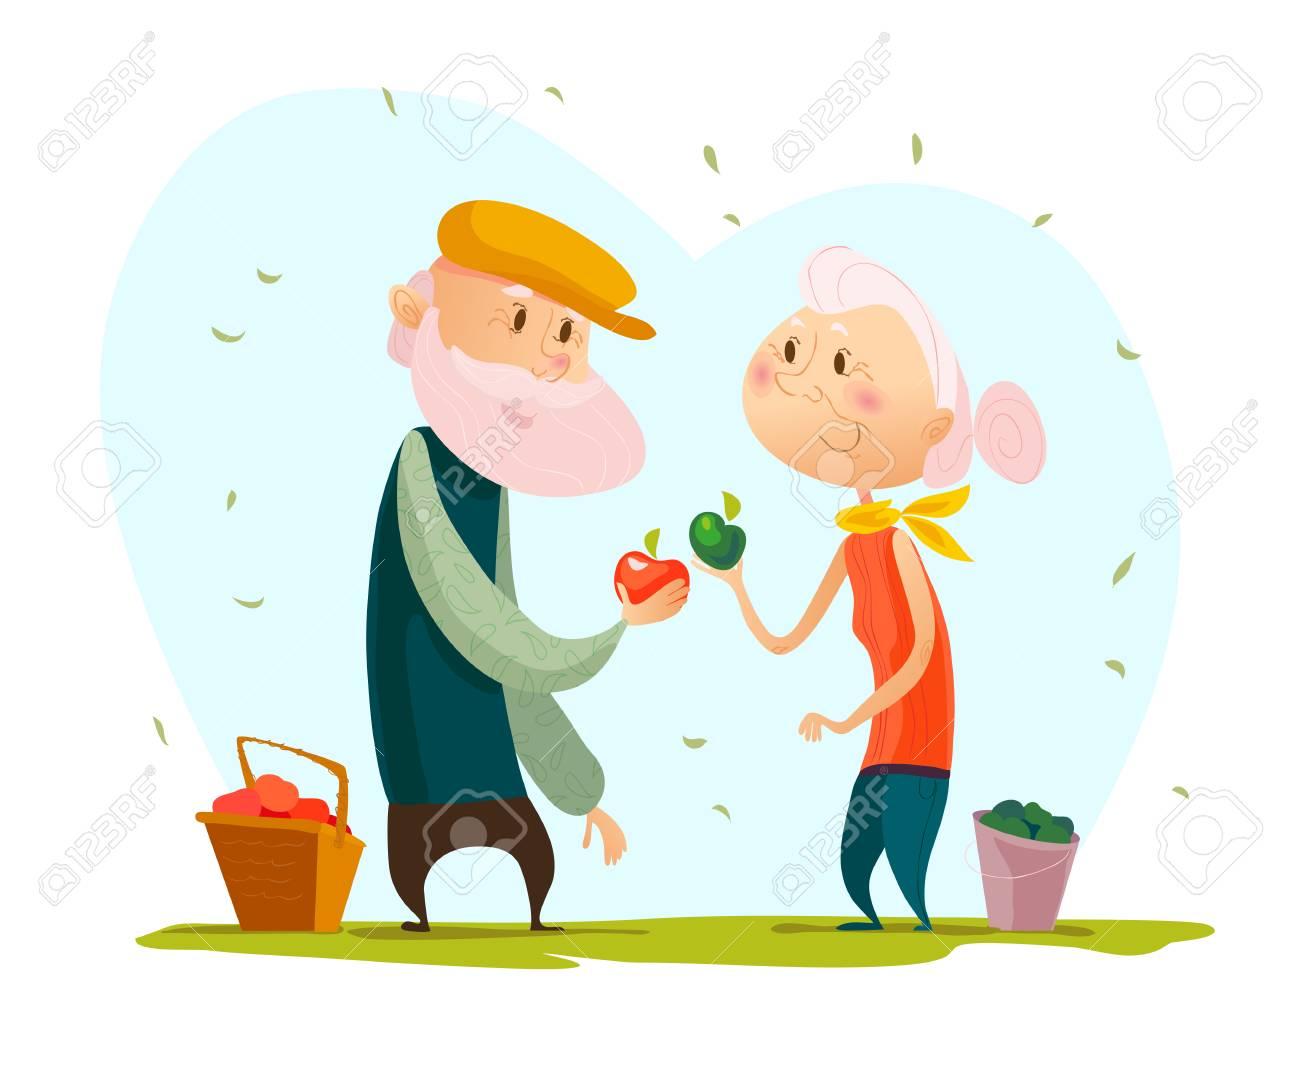 Dessin Amoureux Mignon vector flat portrait de vieux couple d'amoureux mignon isolé sur